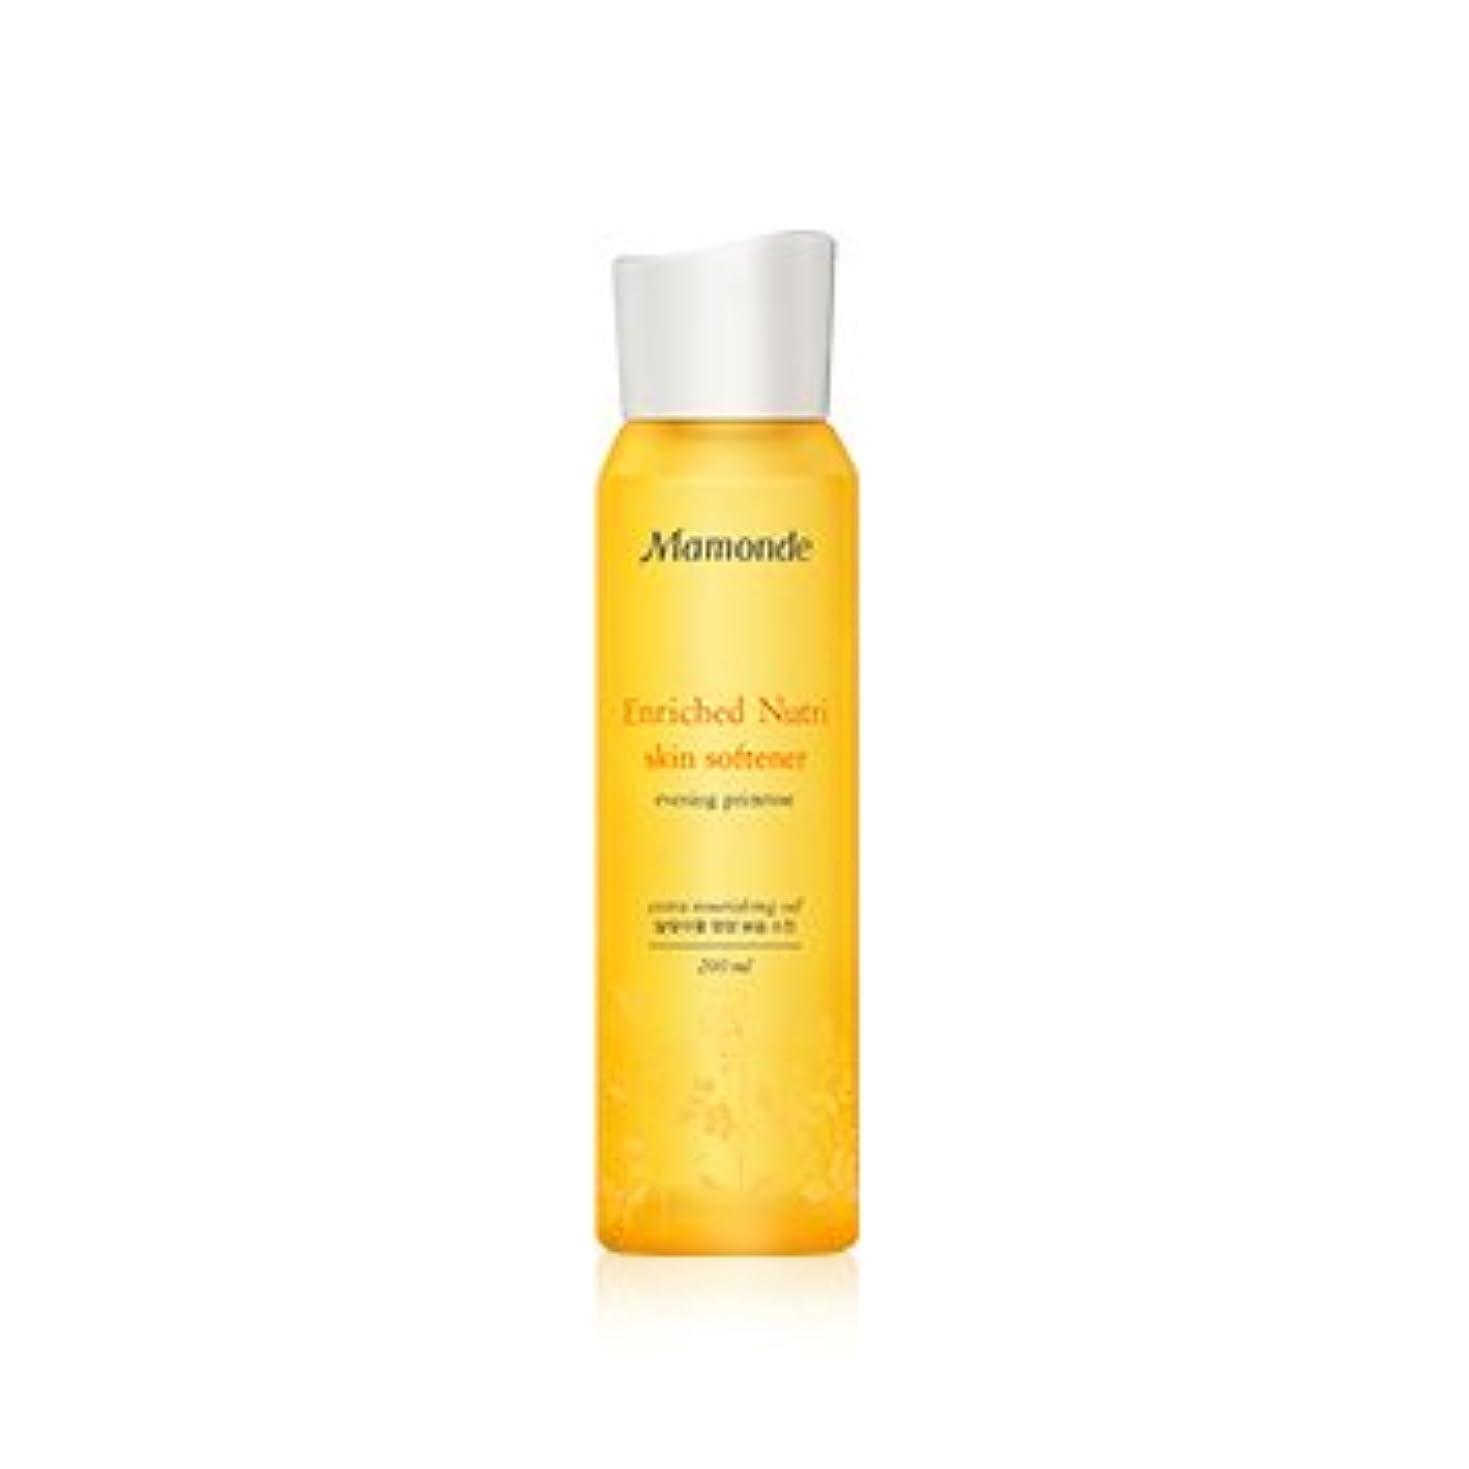 宮殿スキム安全な[New] Mamonde Enriched Nutri Skin Softener 200ml/マモンド エンリッチド ニュートリ スキン ソフナー 200ml [並行輸入品]